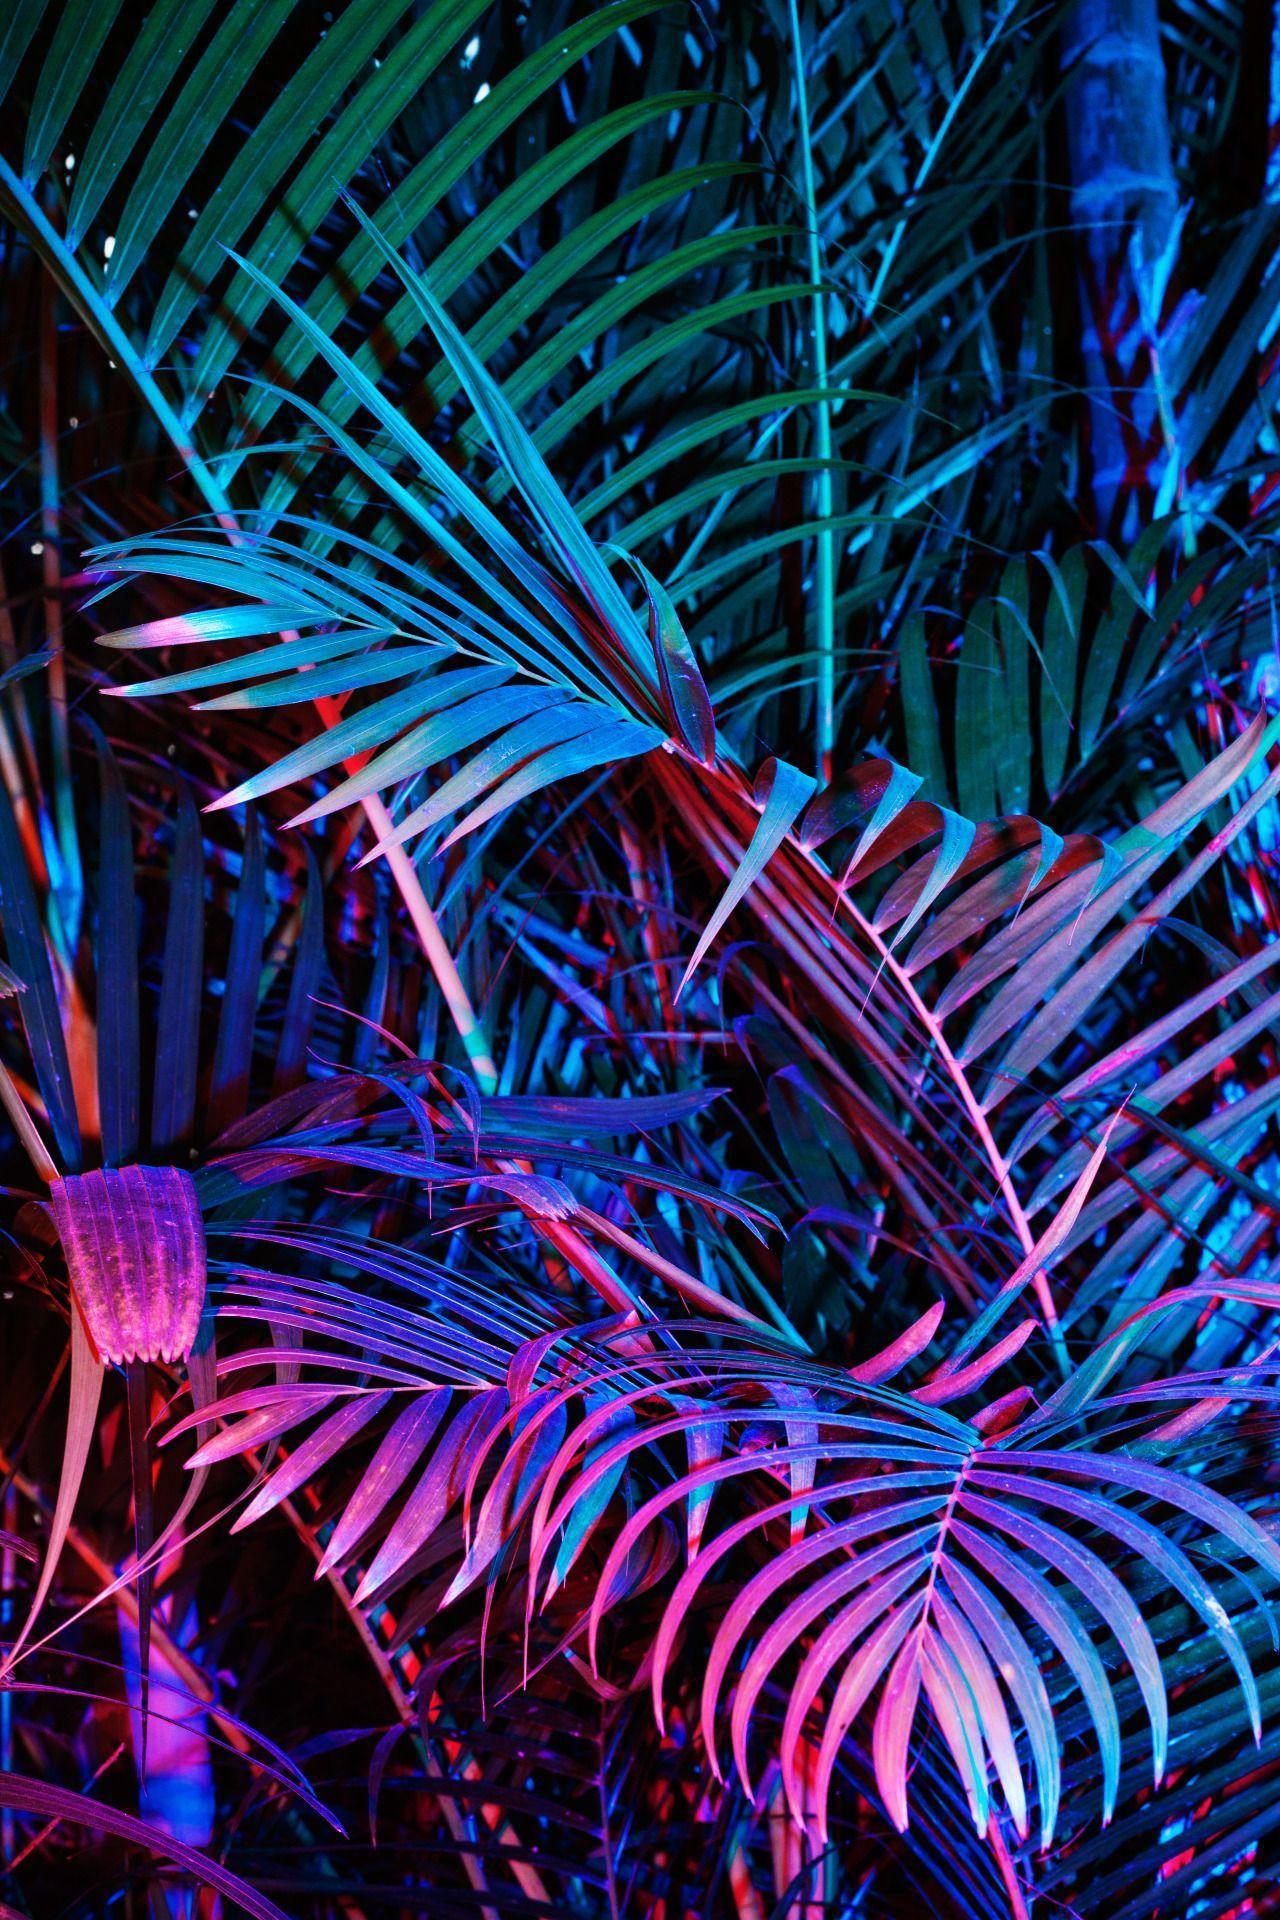 Wallpaper Estetika Neon Hitam - Neon Hitam Gratis Teratas ...